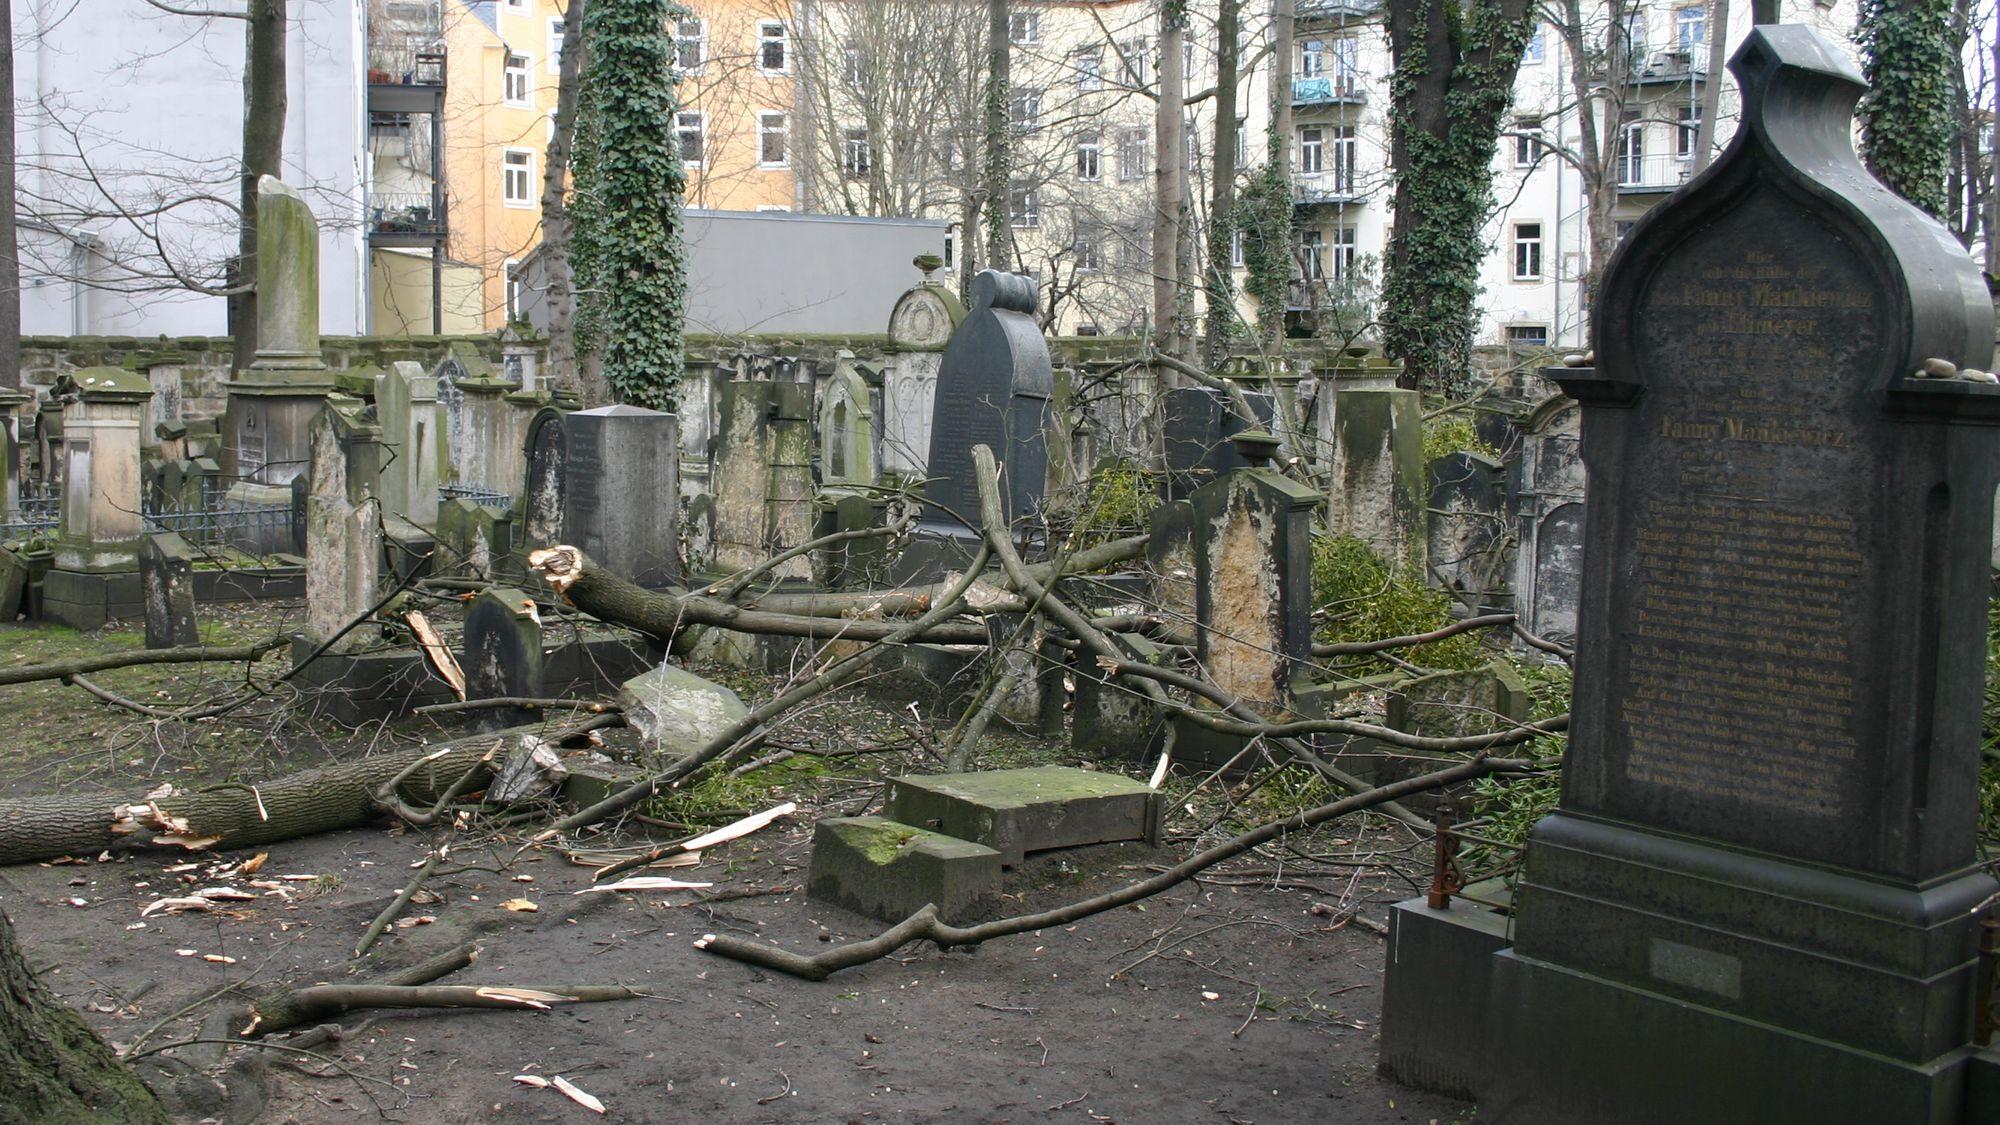 Durch herunterstürzende Äste wurden bereits Grabplatten beschädigt. (Foto: Hatikva e.V.)